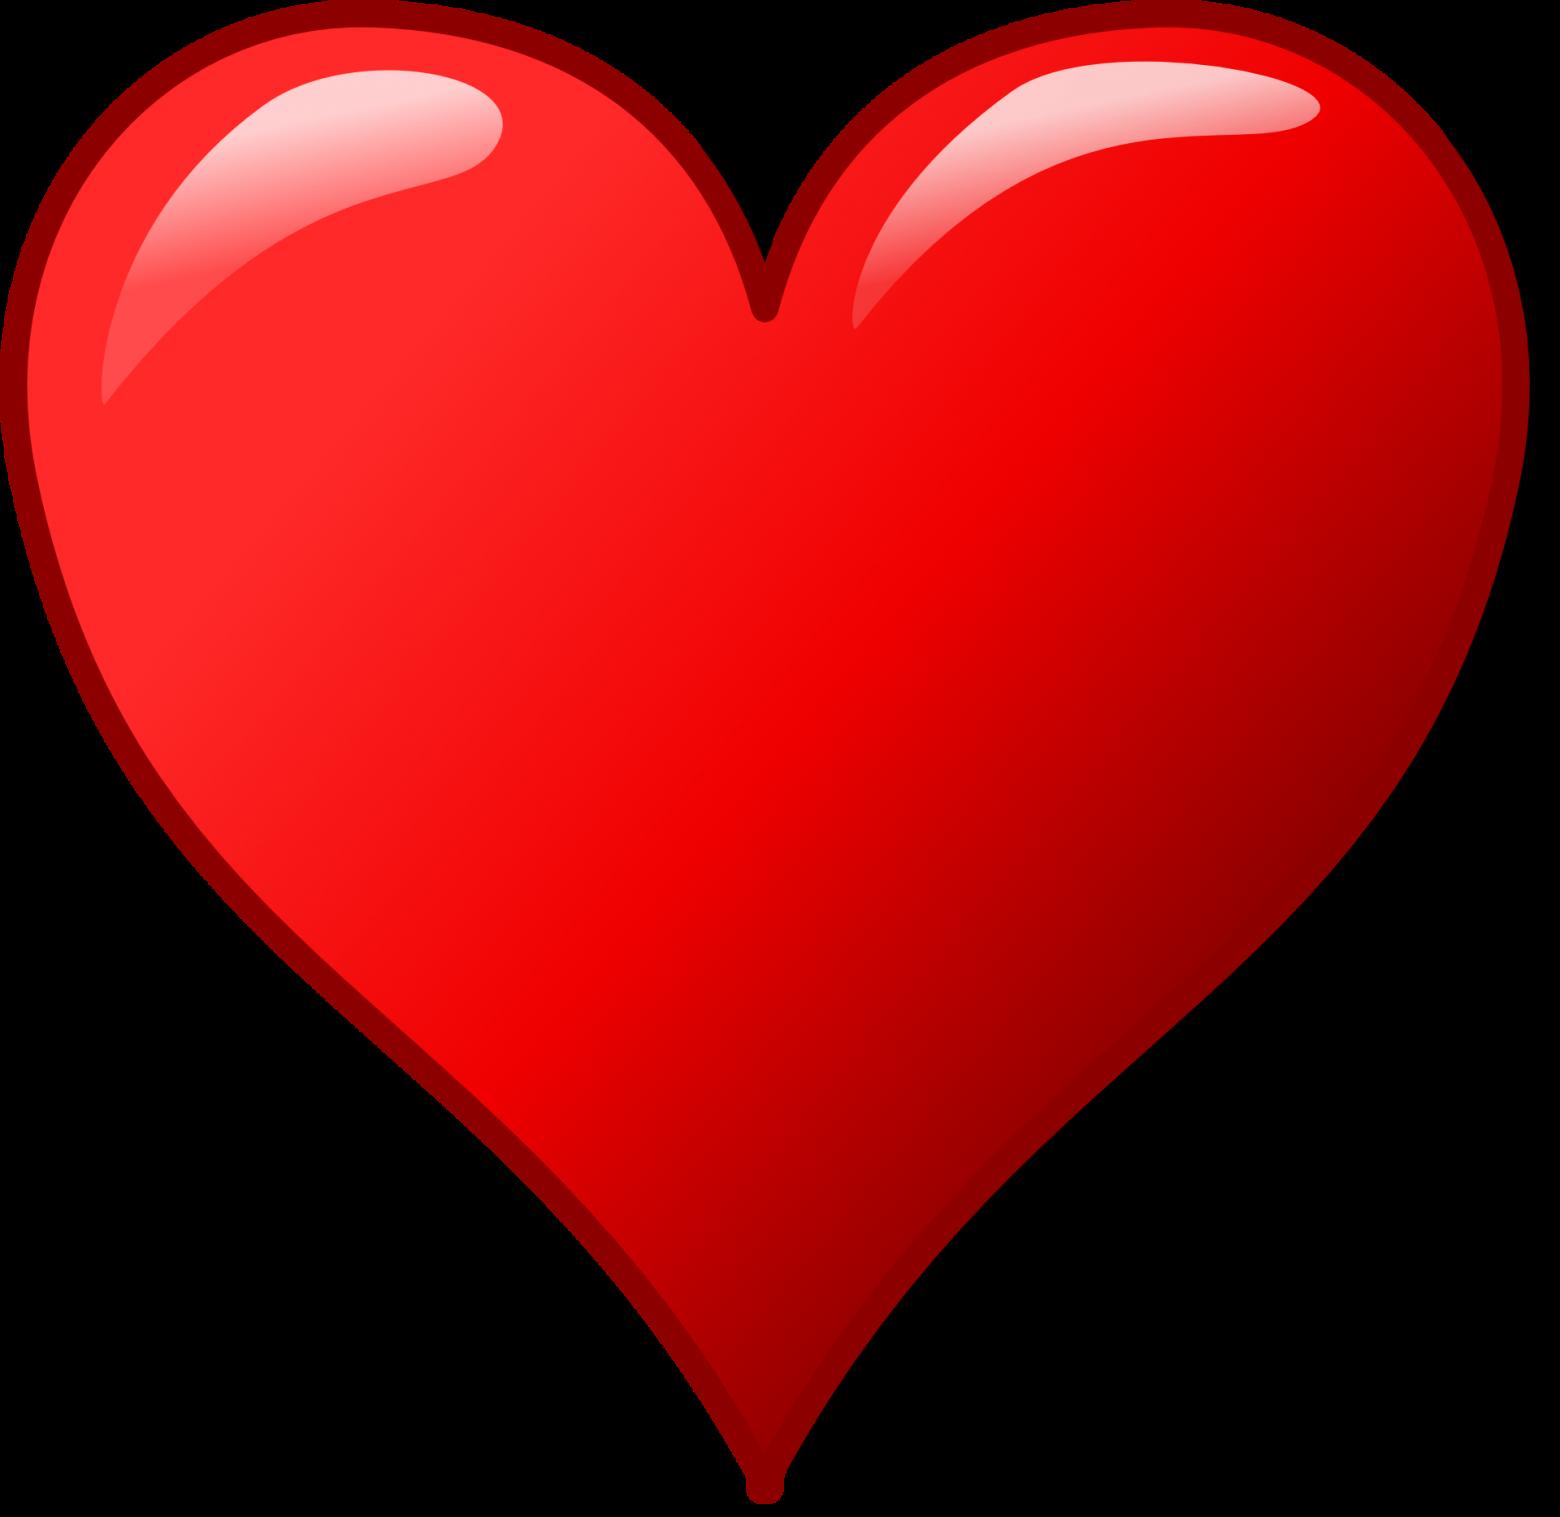 Coeur clipart images gratuites images gratuites et - Images coeur gratuites ...